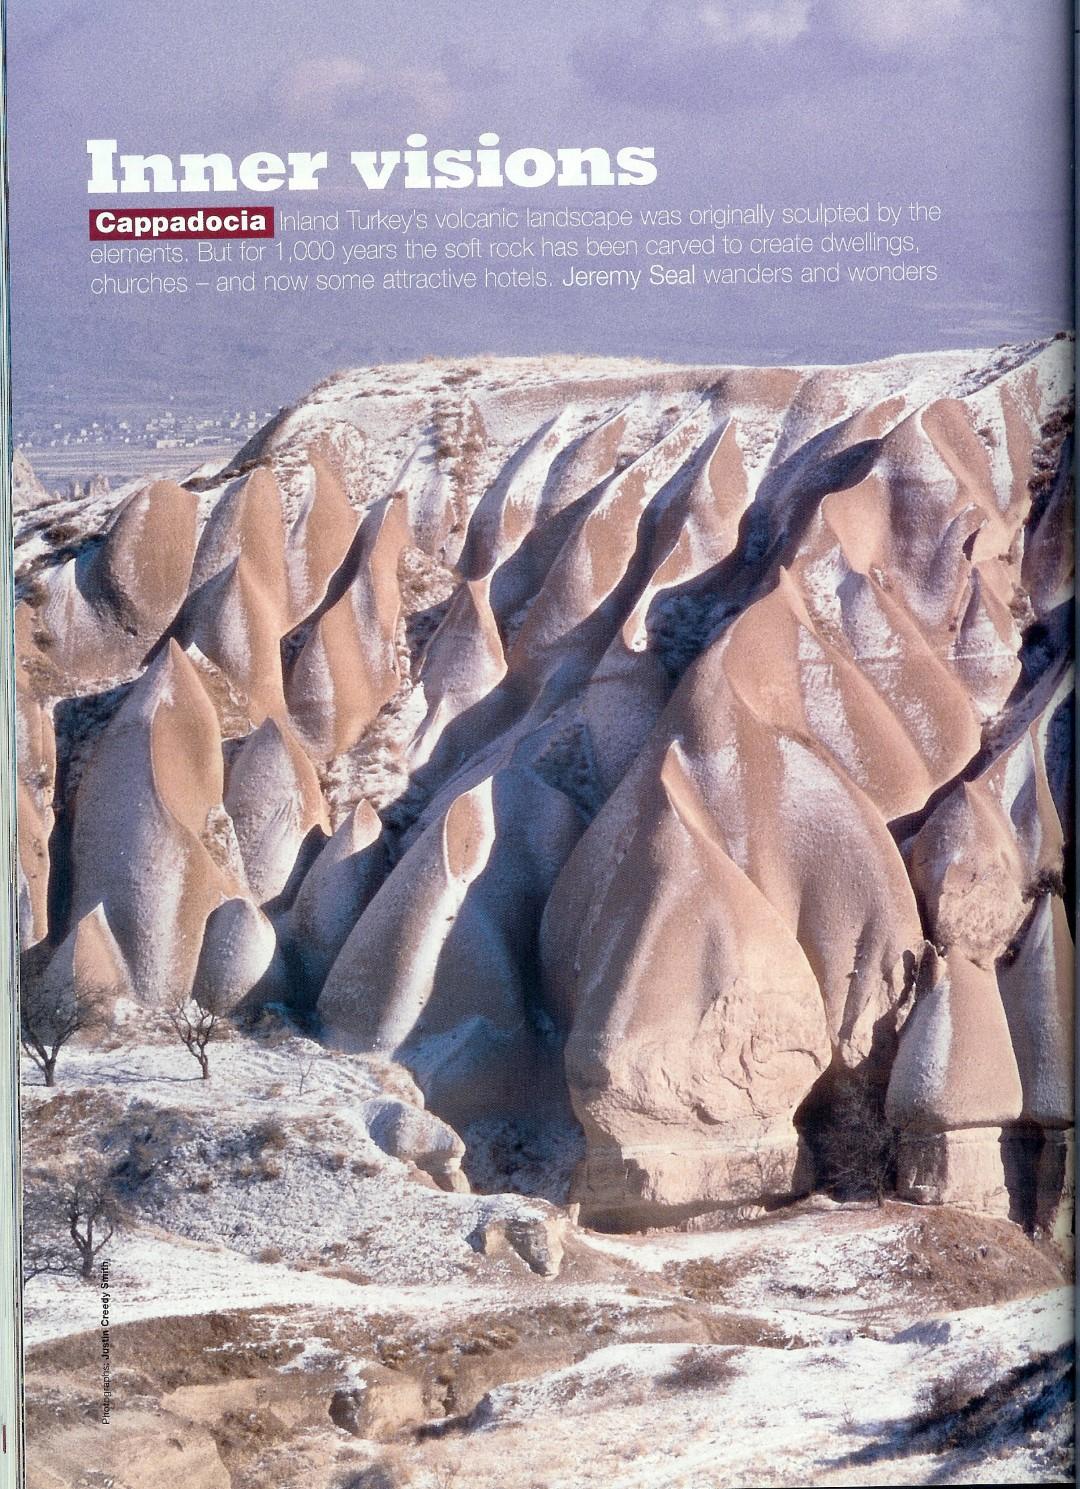 Inner Visions Cappadocia Jeremy Seal